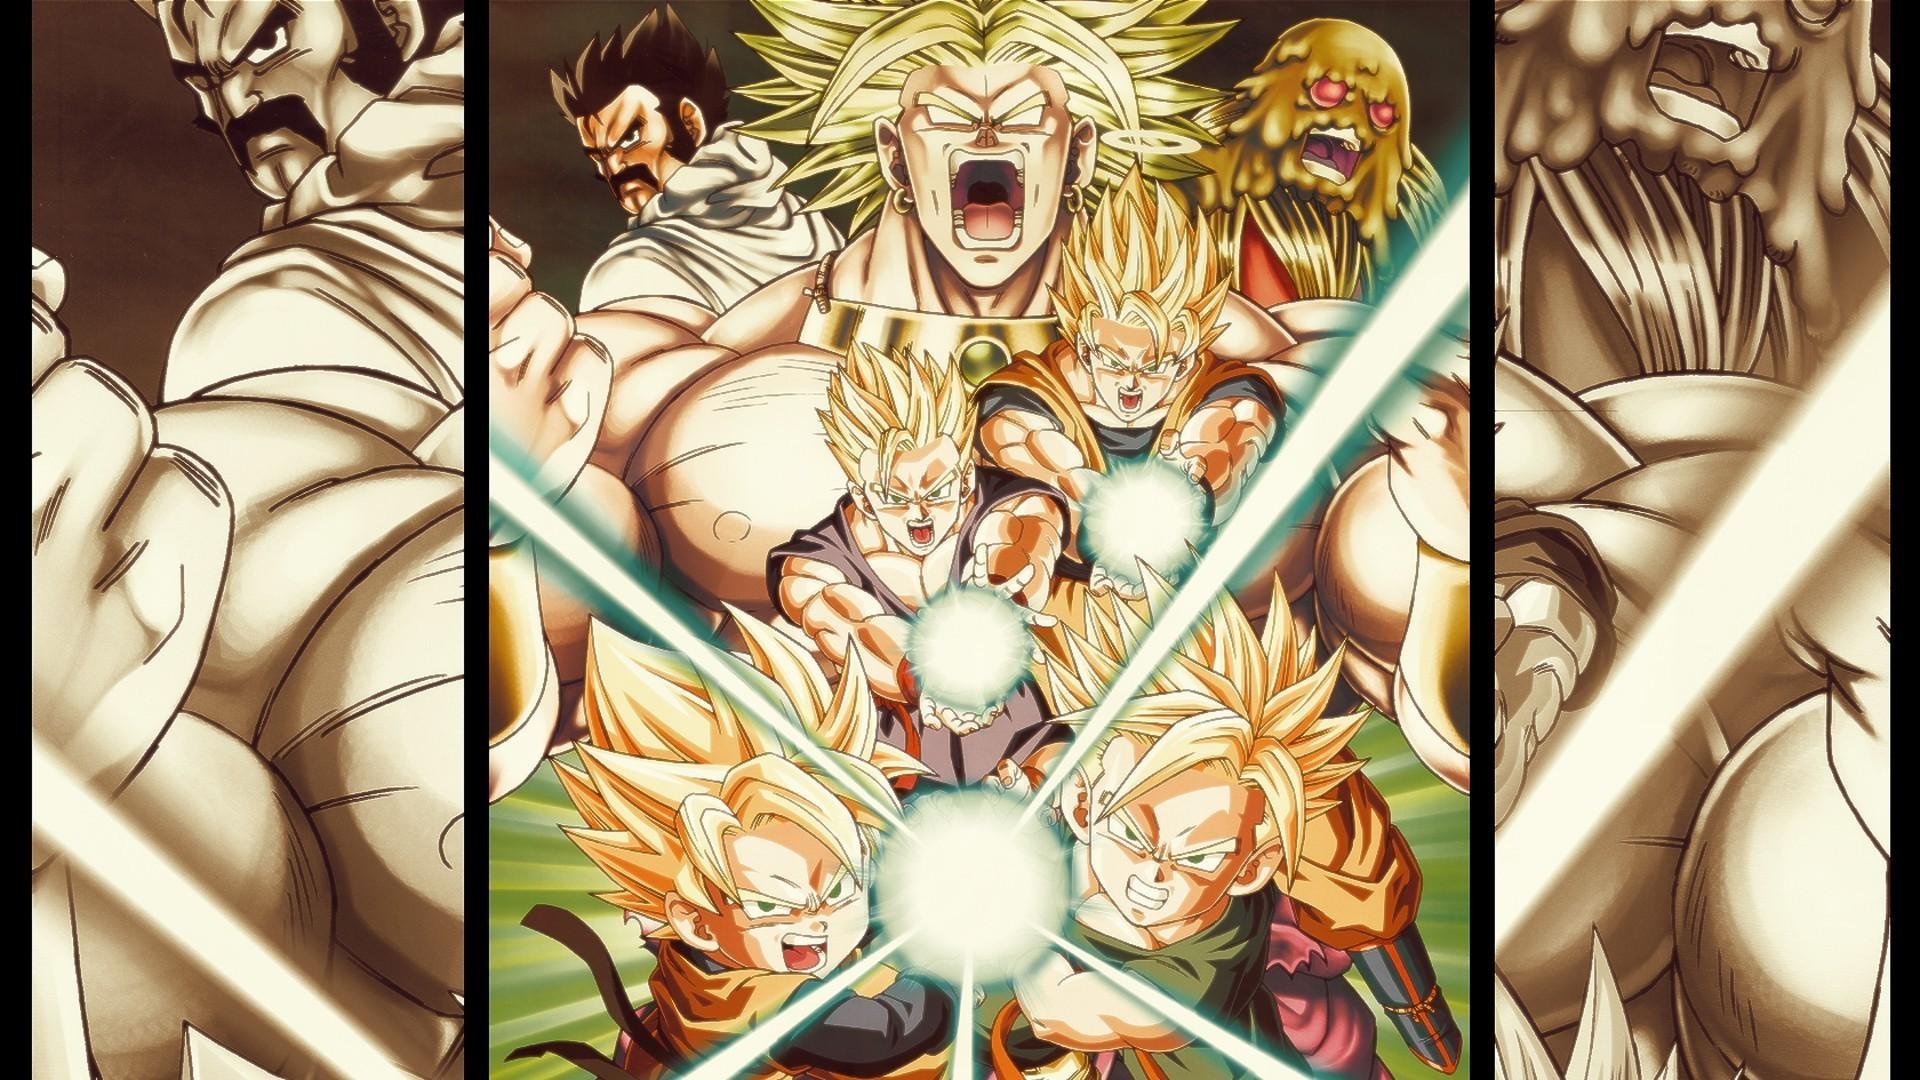 Dragon Ball Z Wallpapers Gohan: Gohan Wallpapers (54+ Images